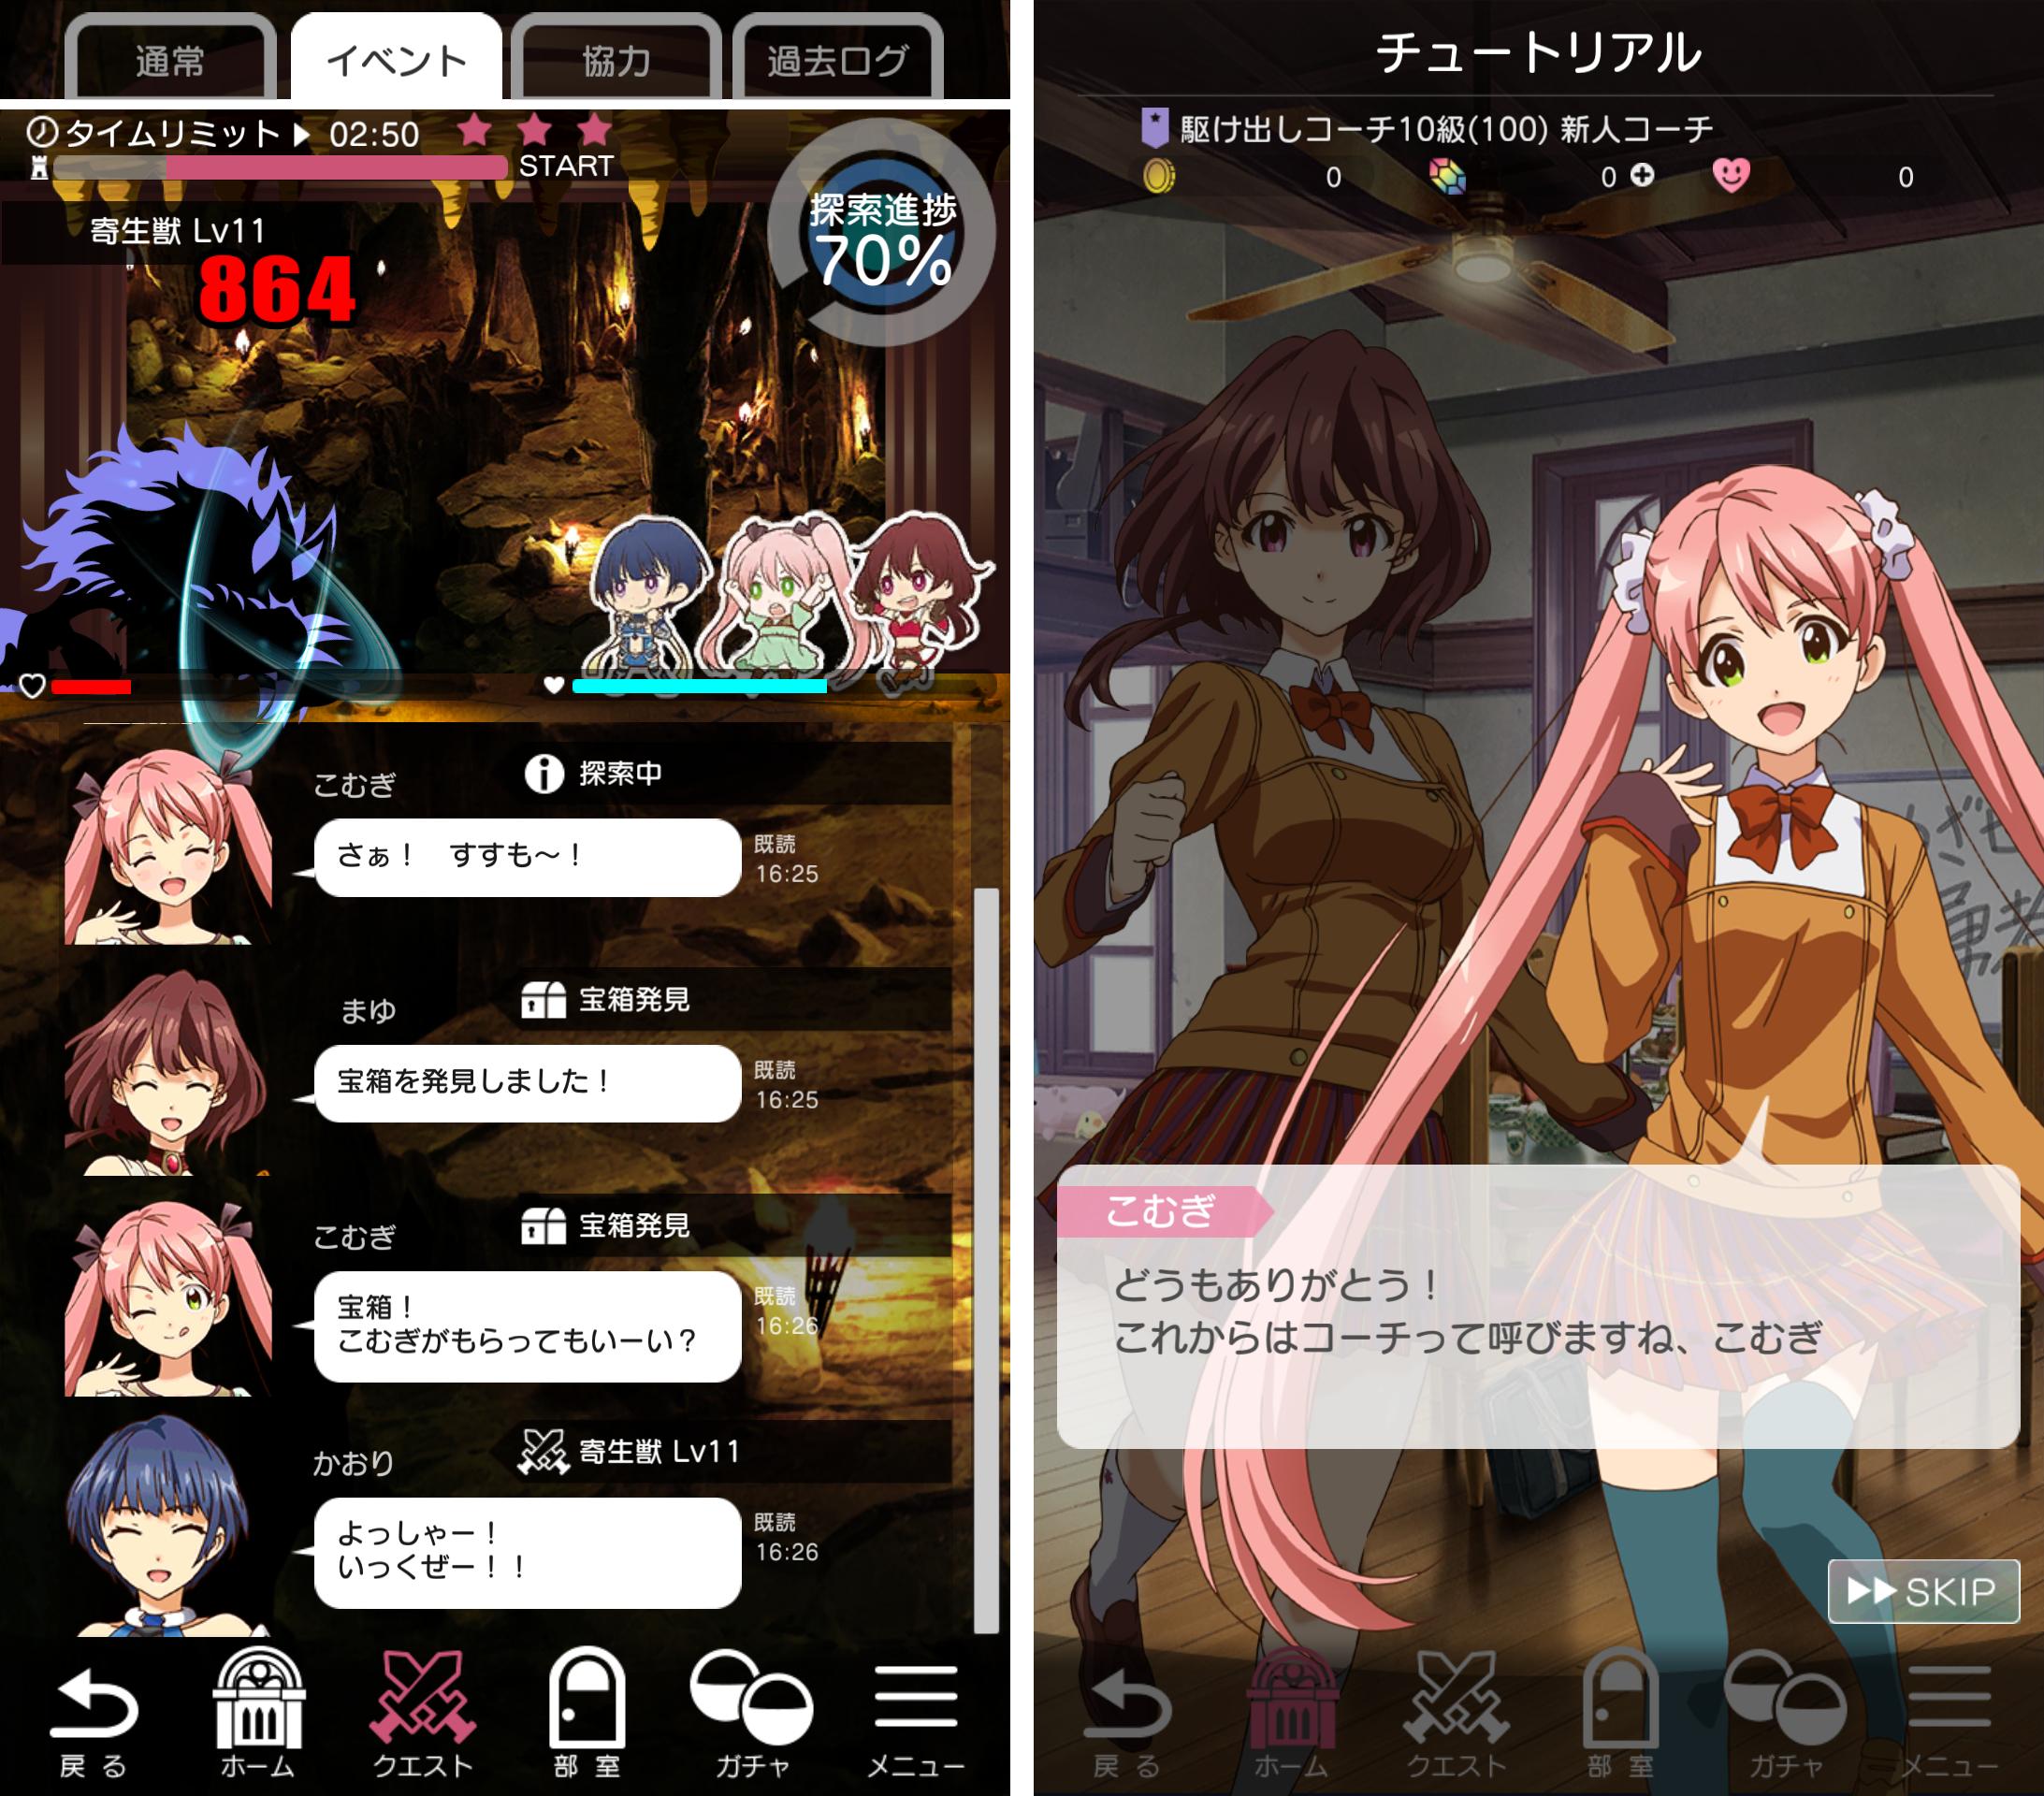 たんさくえすと! androidアプリスクリーンショット1